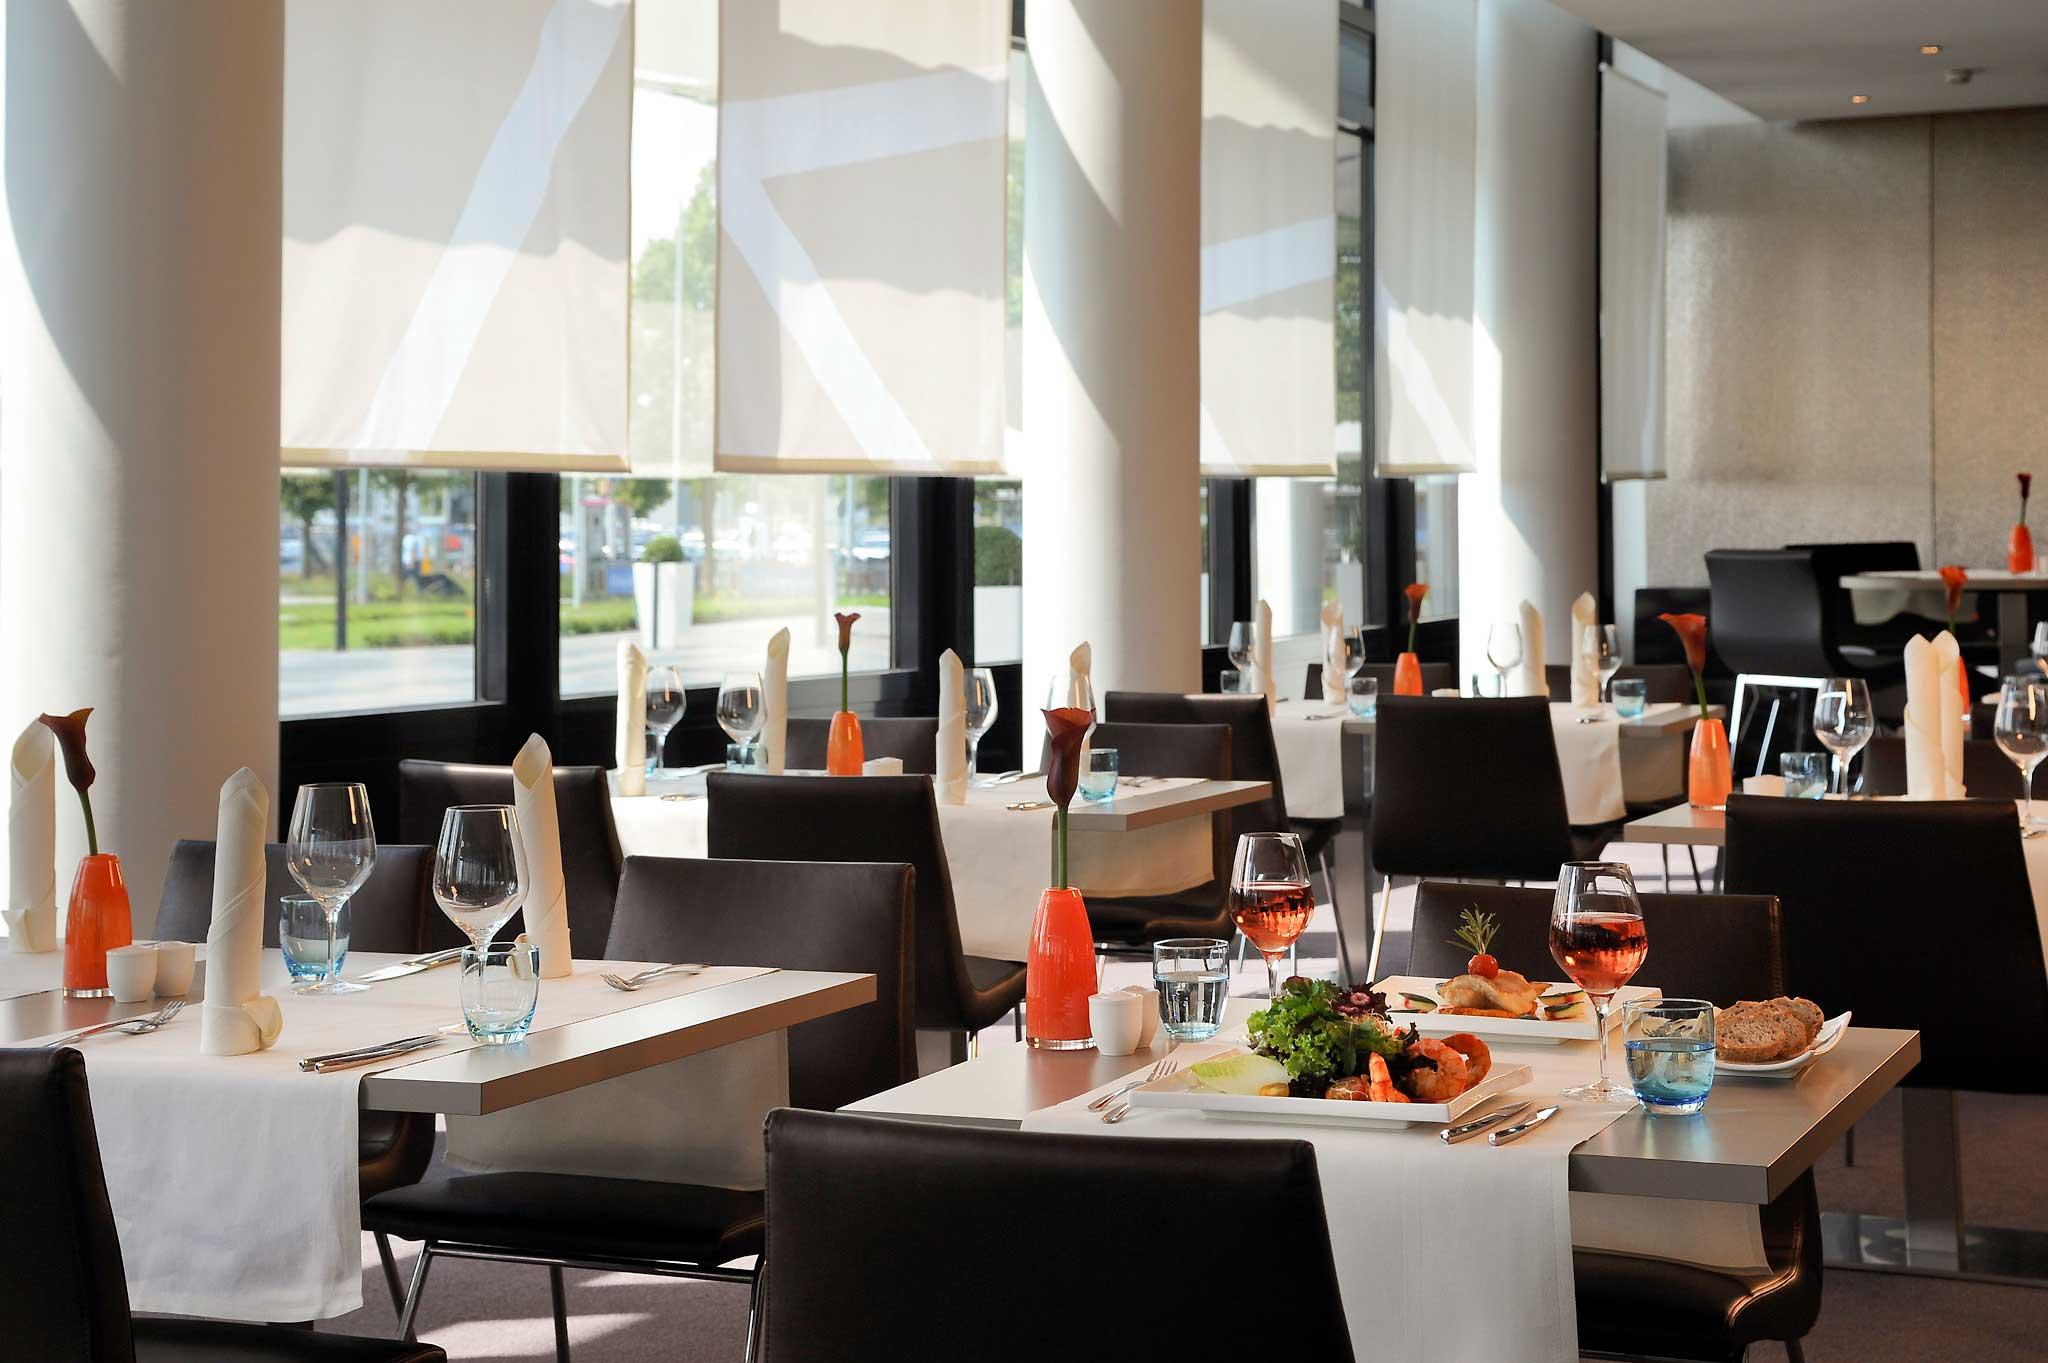 Novotel München Airport Gastronomia